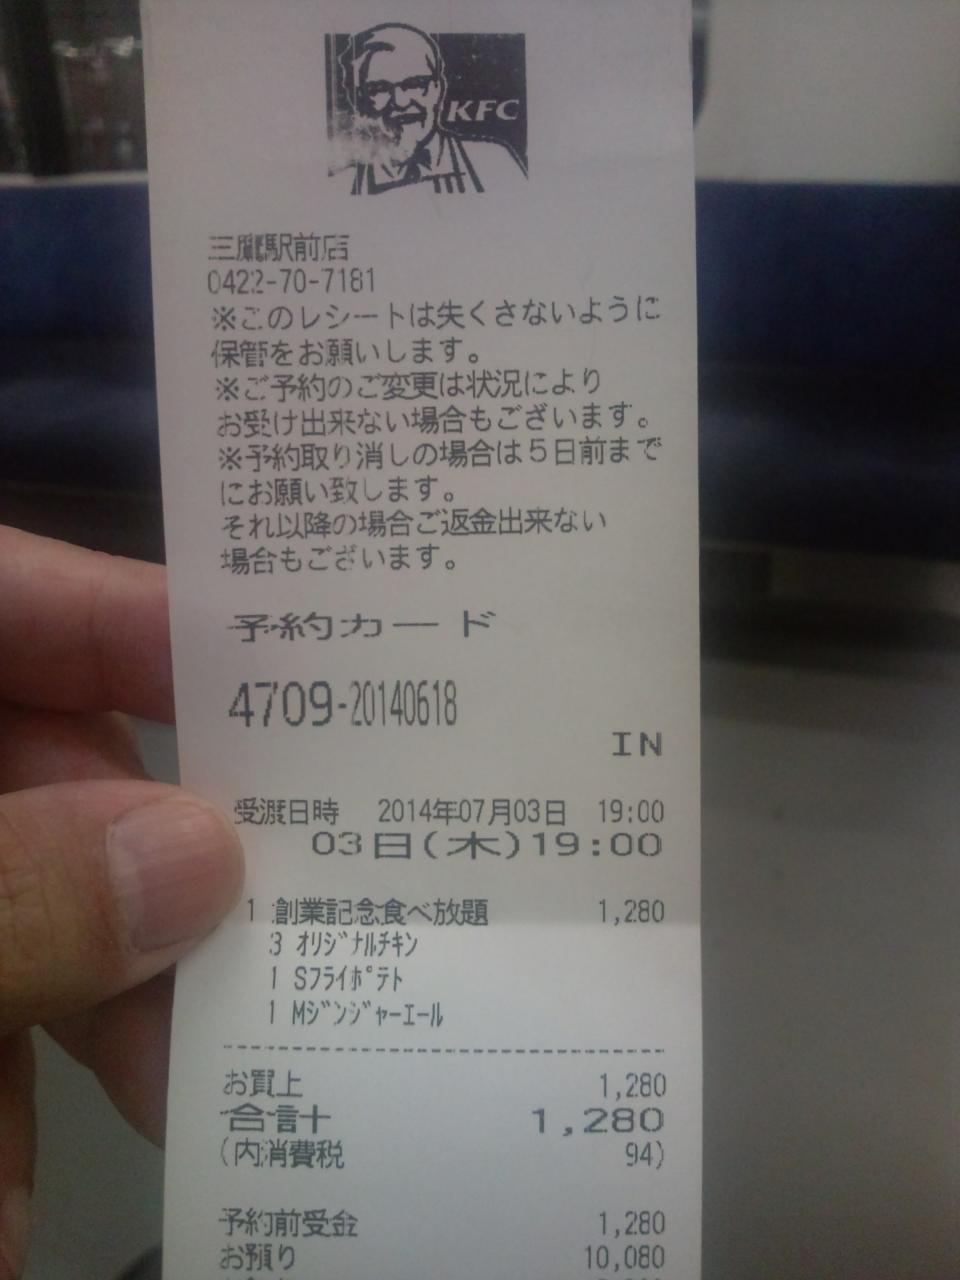 ケンタッキーフライドチキン三鷹駅前店(食べ放題)